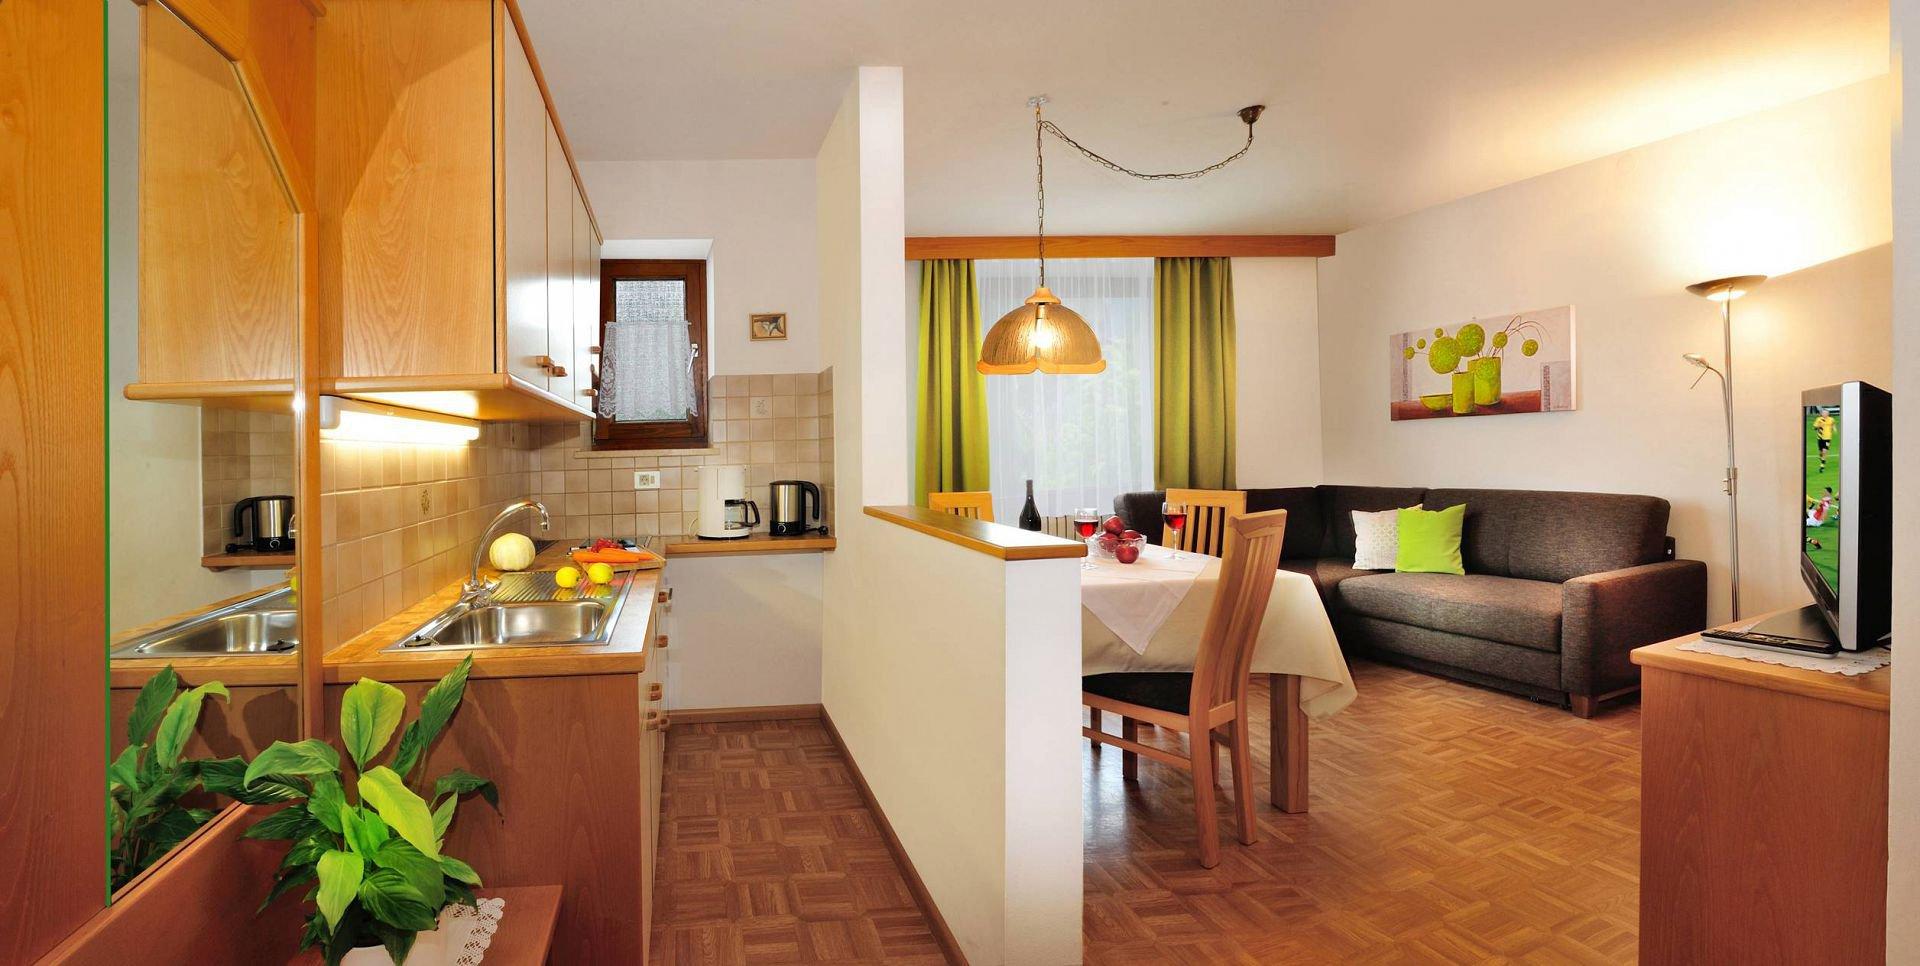 Die Wohnung Befindet Sich Im 1 Stock Und Ist 45 M Gross Wohnzimmer Gemtliche Sitzecke 2 Einzelschlafcouchen Kochnische Weiterlesen